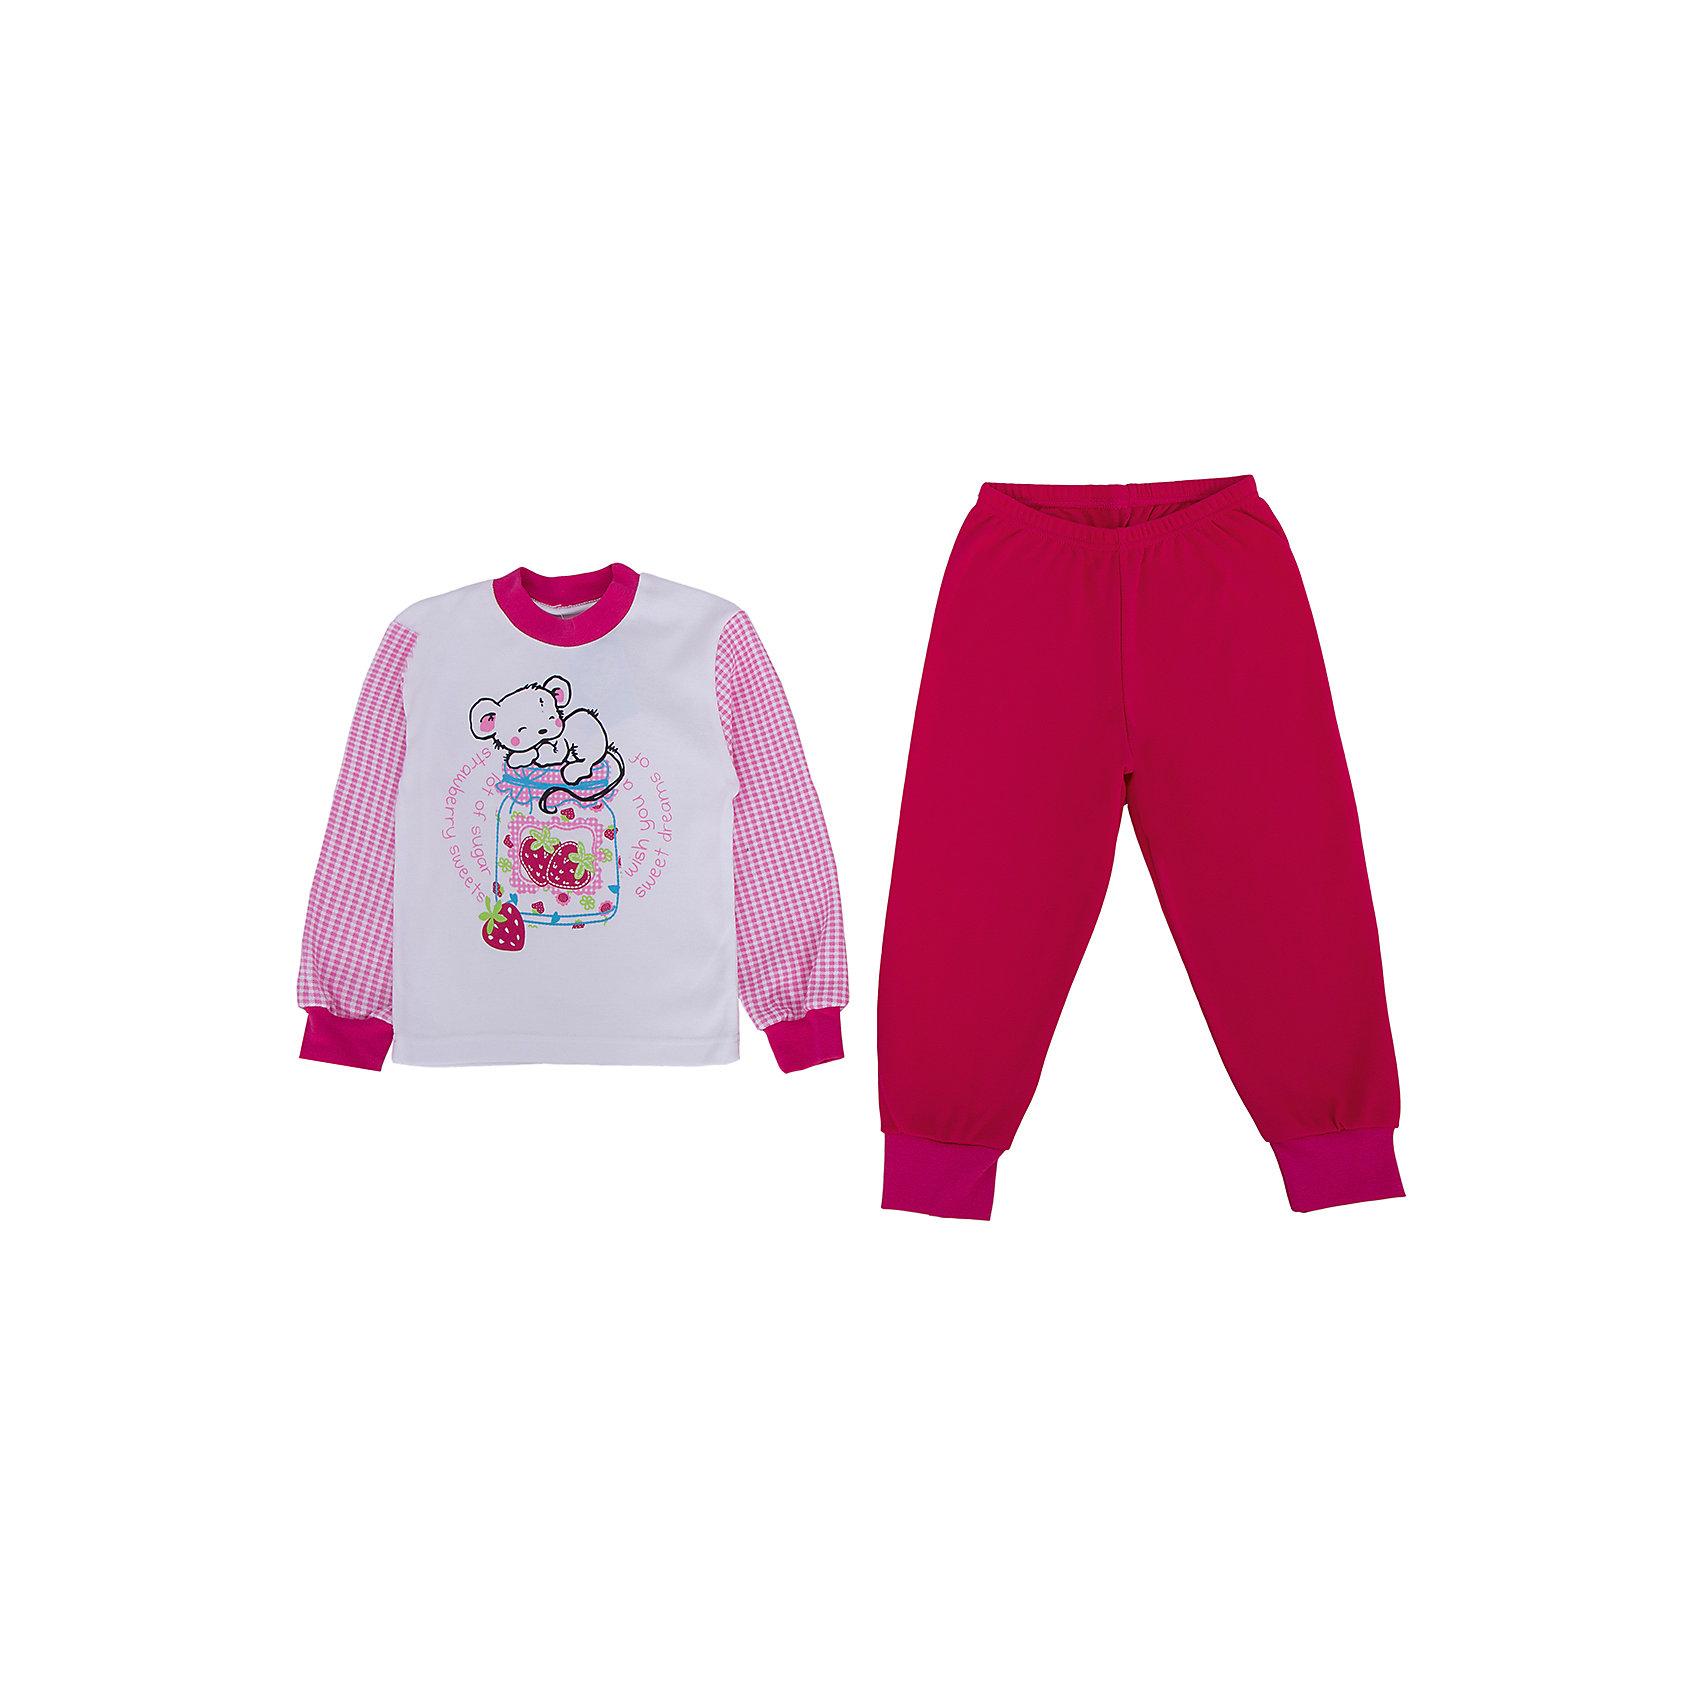 Пижама для девочки АпрельПижамы и сорочки<br>Пижама  от известного бренда Апрель<br>Замечательный домашний комплект, состоящий из джемпера и брючек. Приятный на ощупь, не сковывает движения, обеспечивая полный комфорт. Джемпер с длинными рукавами на манжете, декорирован милым дизайнерским принтом. Брючки имеют эластичный пояс, по низу манжеты. Прекрасный вариант для дома и сна!<br>Состав:<br>хлопок 100%<br><br>Ширина мм: 281<br>Глубина мм: 70<br>Высота мм: 188<br>Вес г: 295<br>Цвет: розовый<br>Возраст от месяцев: 60<br>Возраст до месяцев: 72<br>Пол: Женский<br>Возраст: Детский<br>Размер: 98,104,110,116,92<br>SKU: 4768297